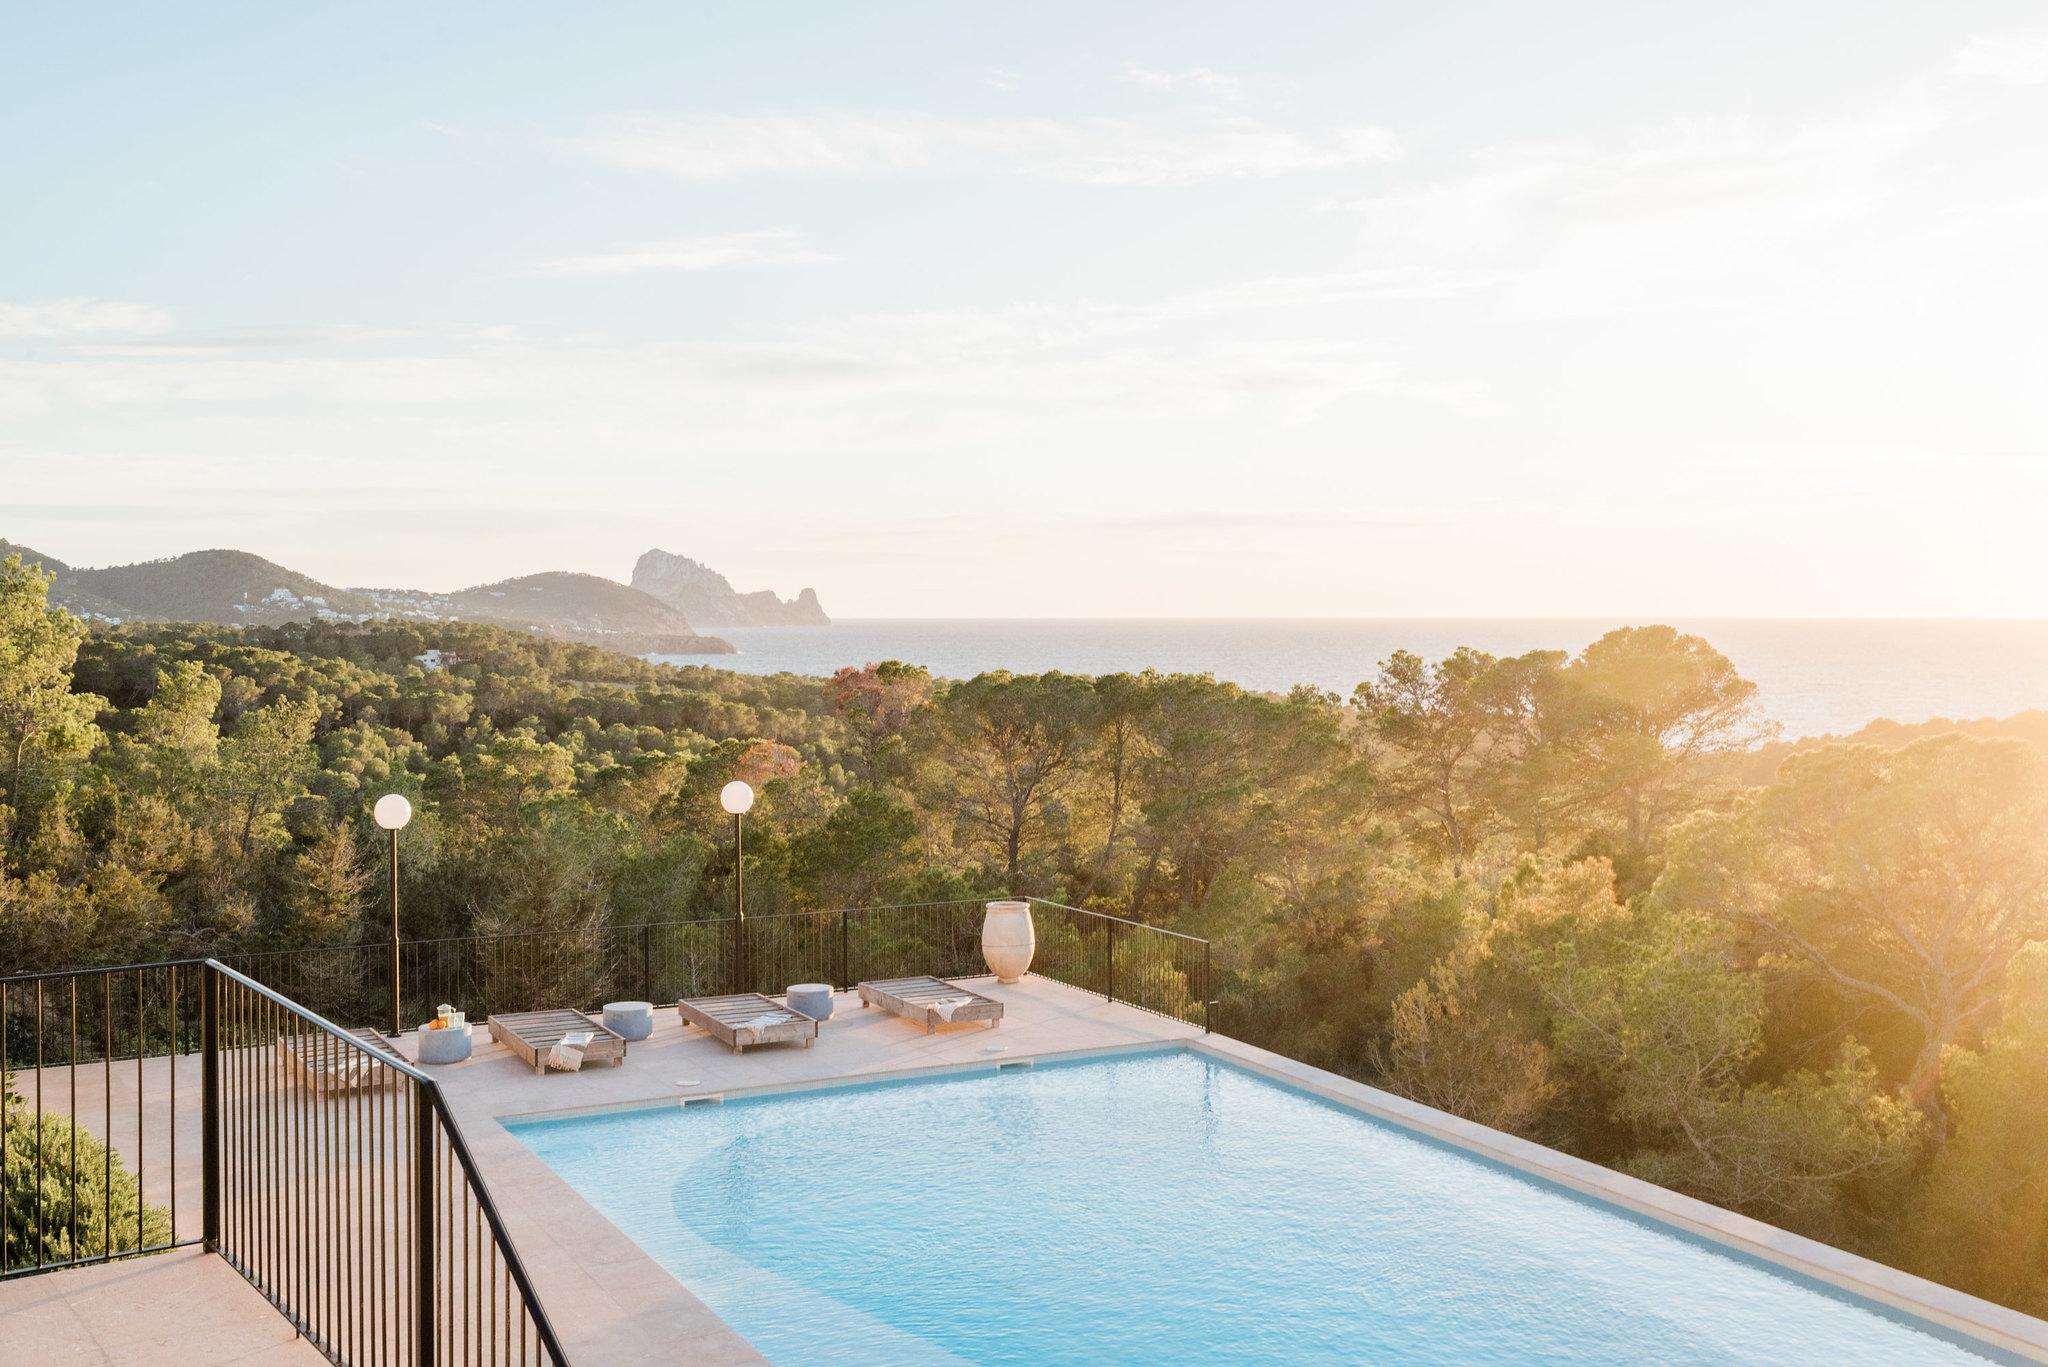 https://www.white-ibiza.com/wp-content/uploads/2020/06/white-ibiza-villas-sa-serra-exterior-sunset.jpg